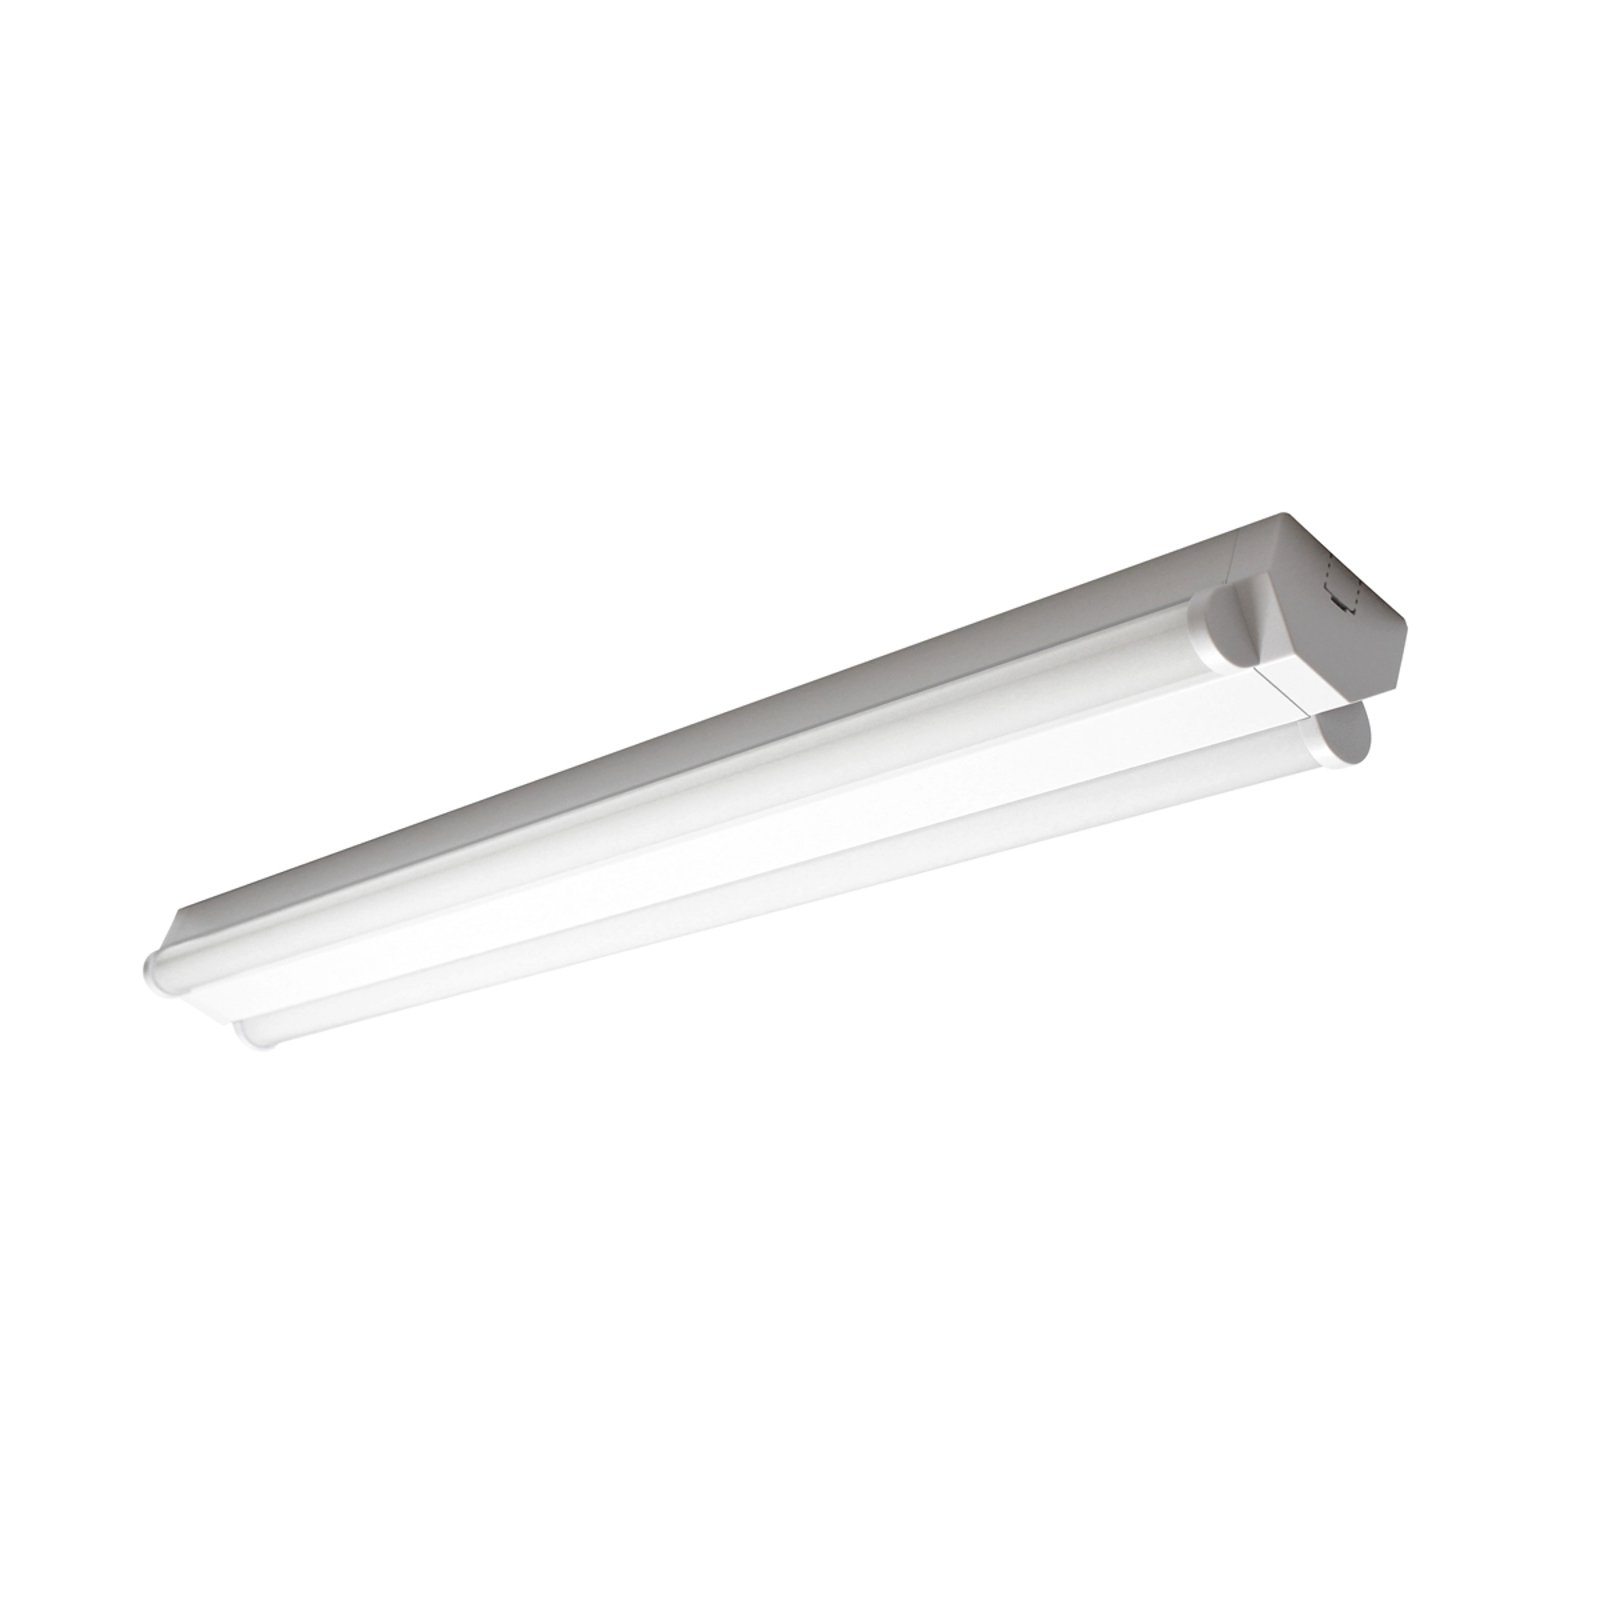 Basic 2 - LED-taklampe med 2 lys - 90cm